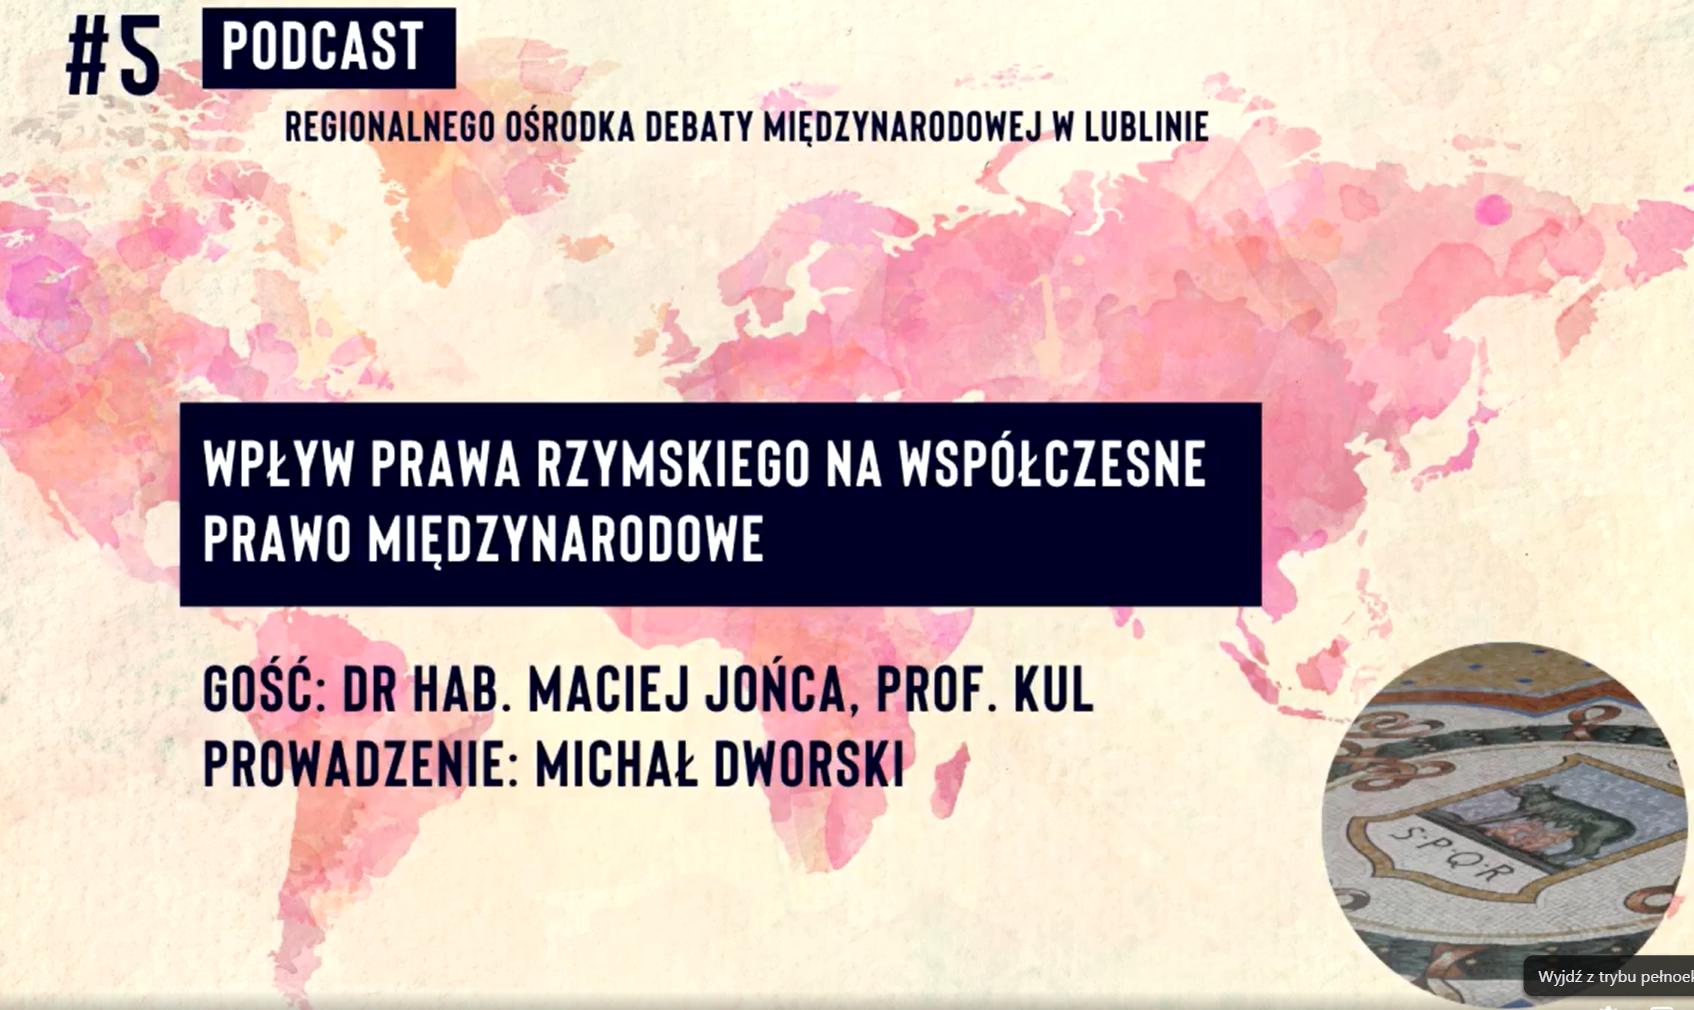 Wpływ prawa rzymskiego na współczesne prawo międzynarodowe – prof. Maciej Jońca